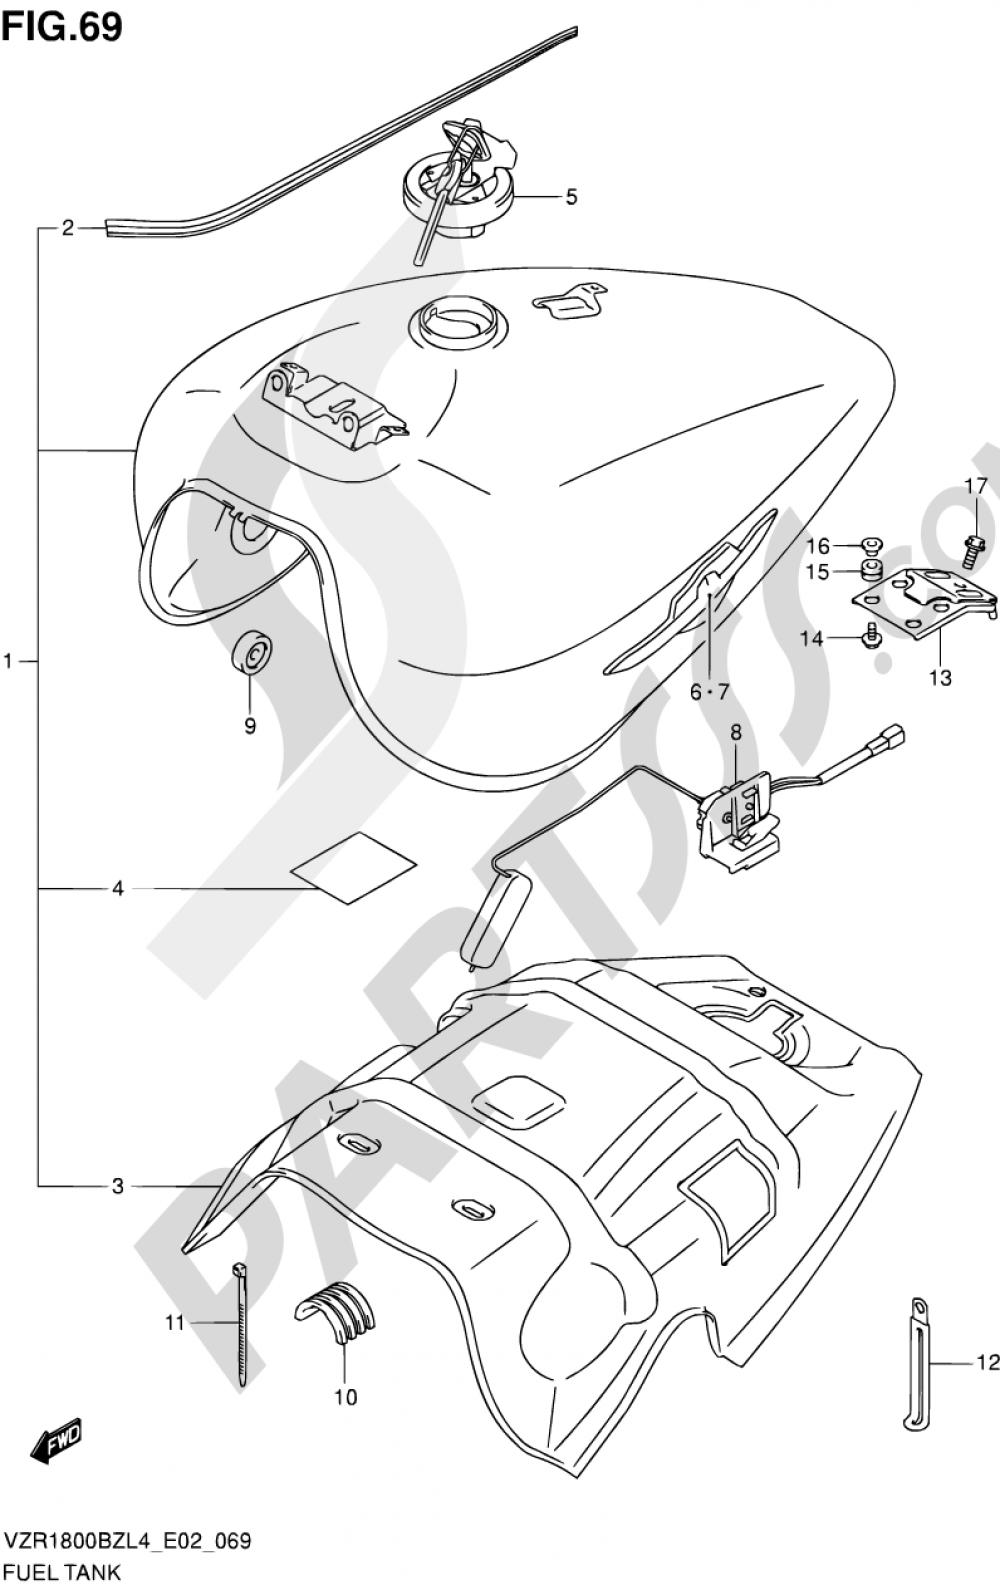 69 - FUEL TANK (VZR1800BZL4 E19) Suzuki VZR1800BZ 2014